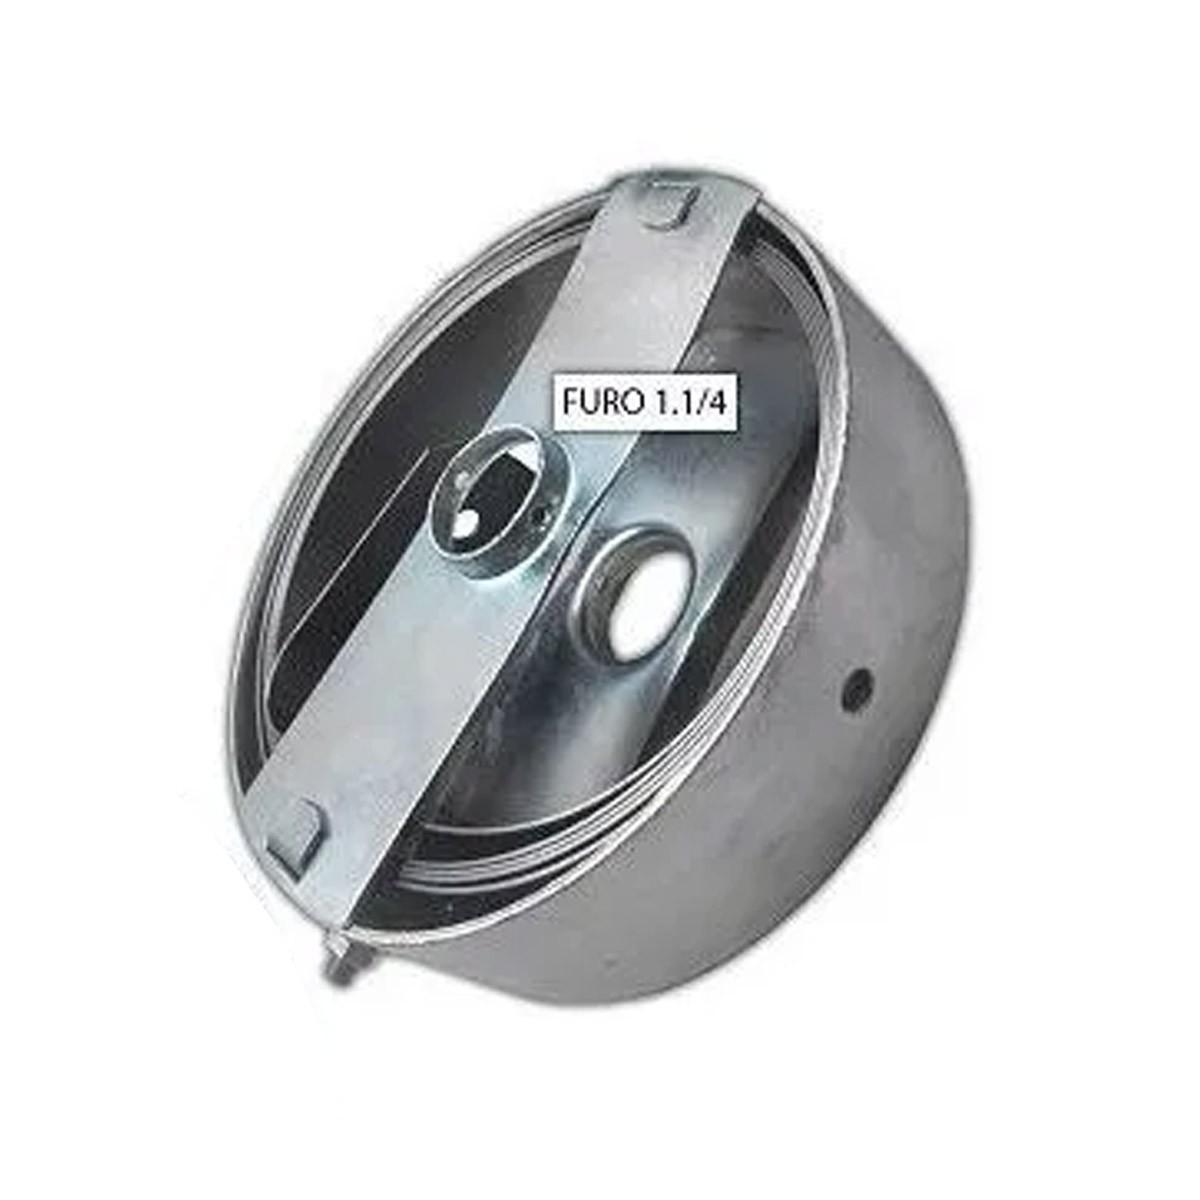 01 Mola Porta De Aço Enrolar 3.0 Metros Furo 1 1/4